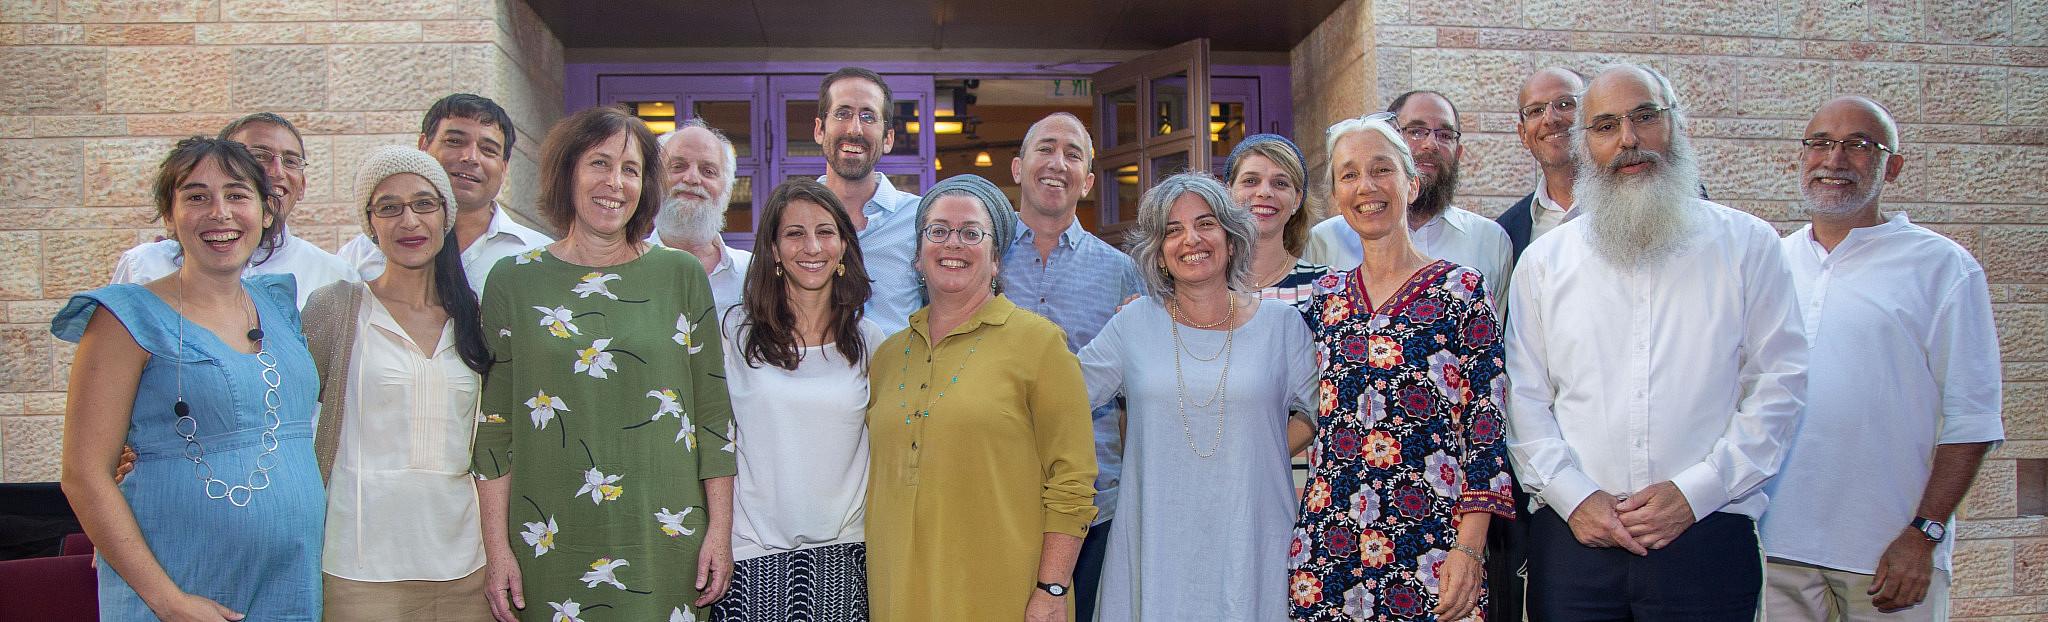 בית המדרש לרבנות ישראלית